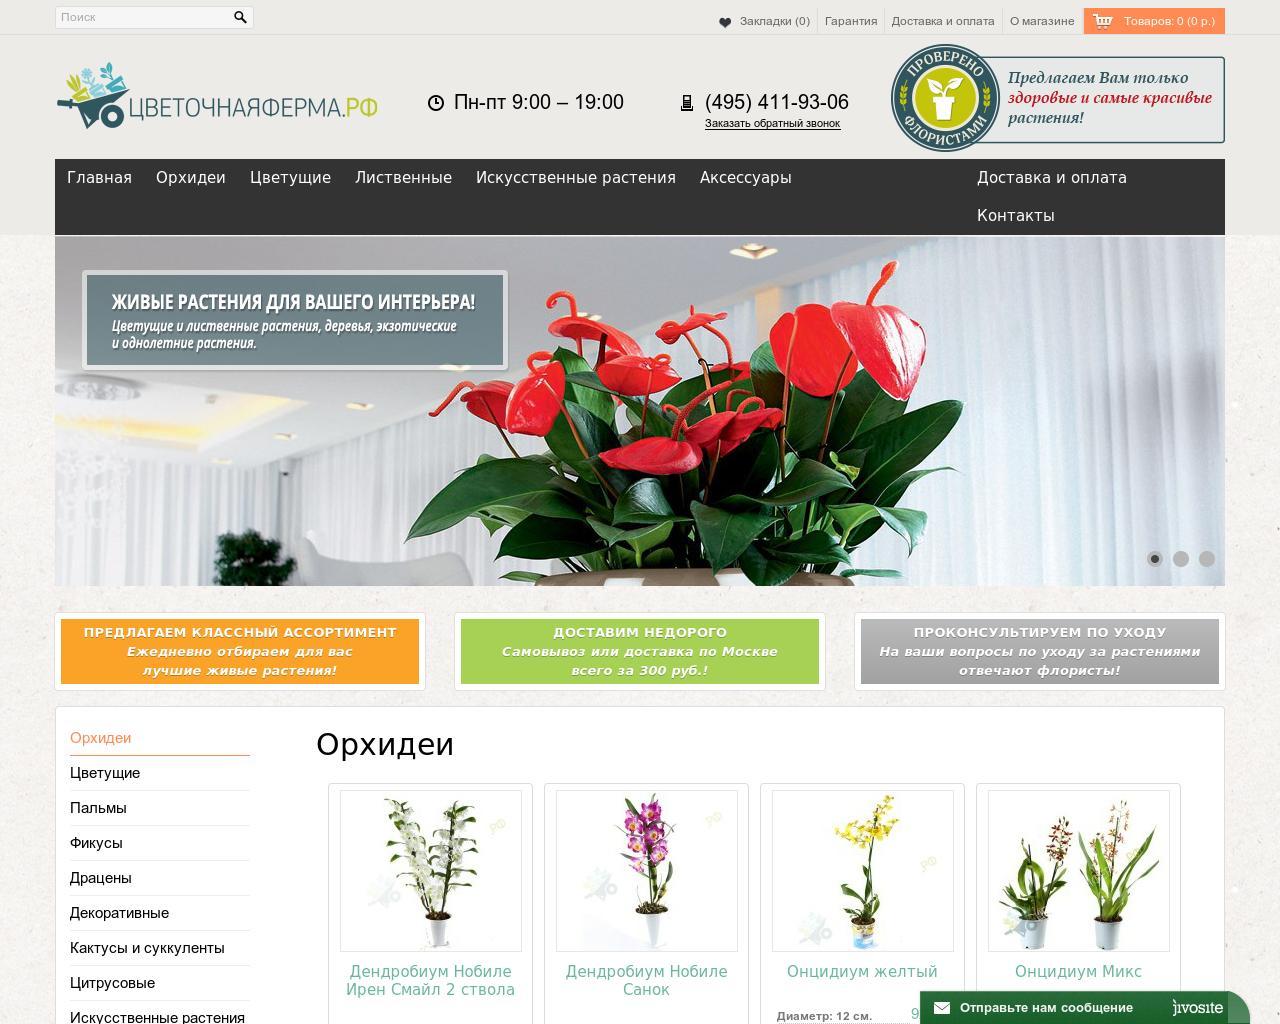 http://plantsfarm.ru